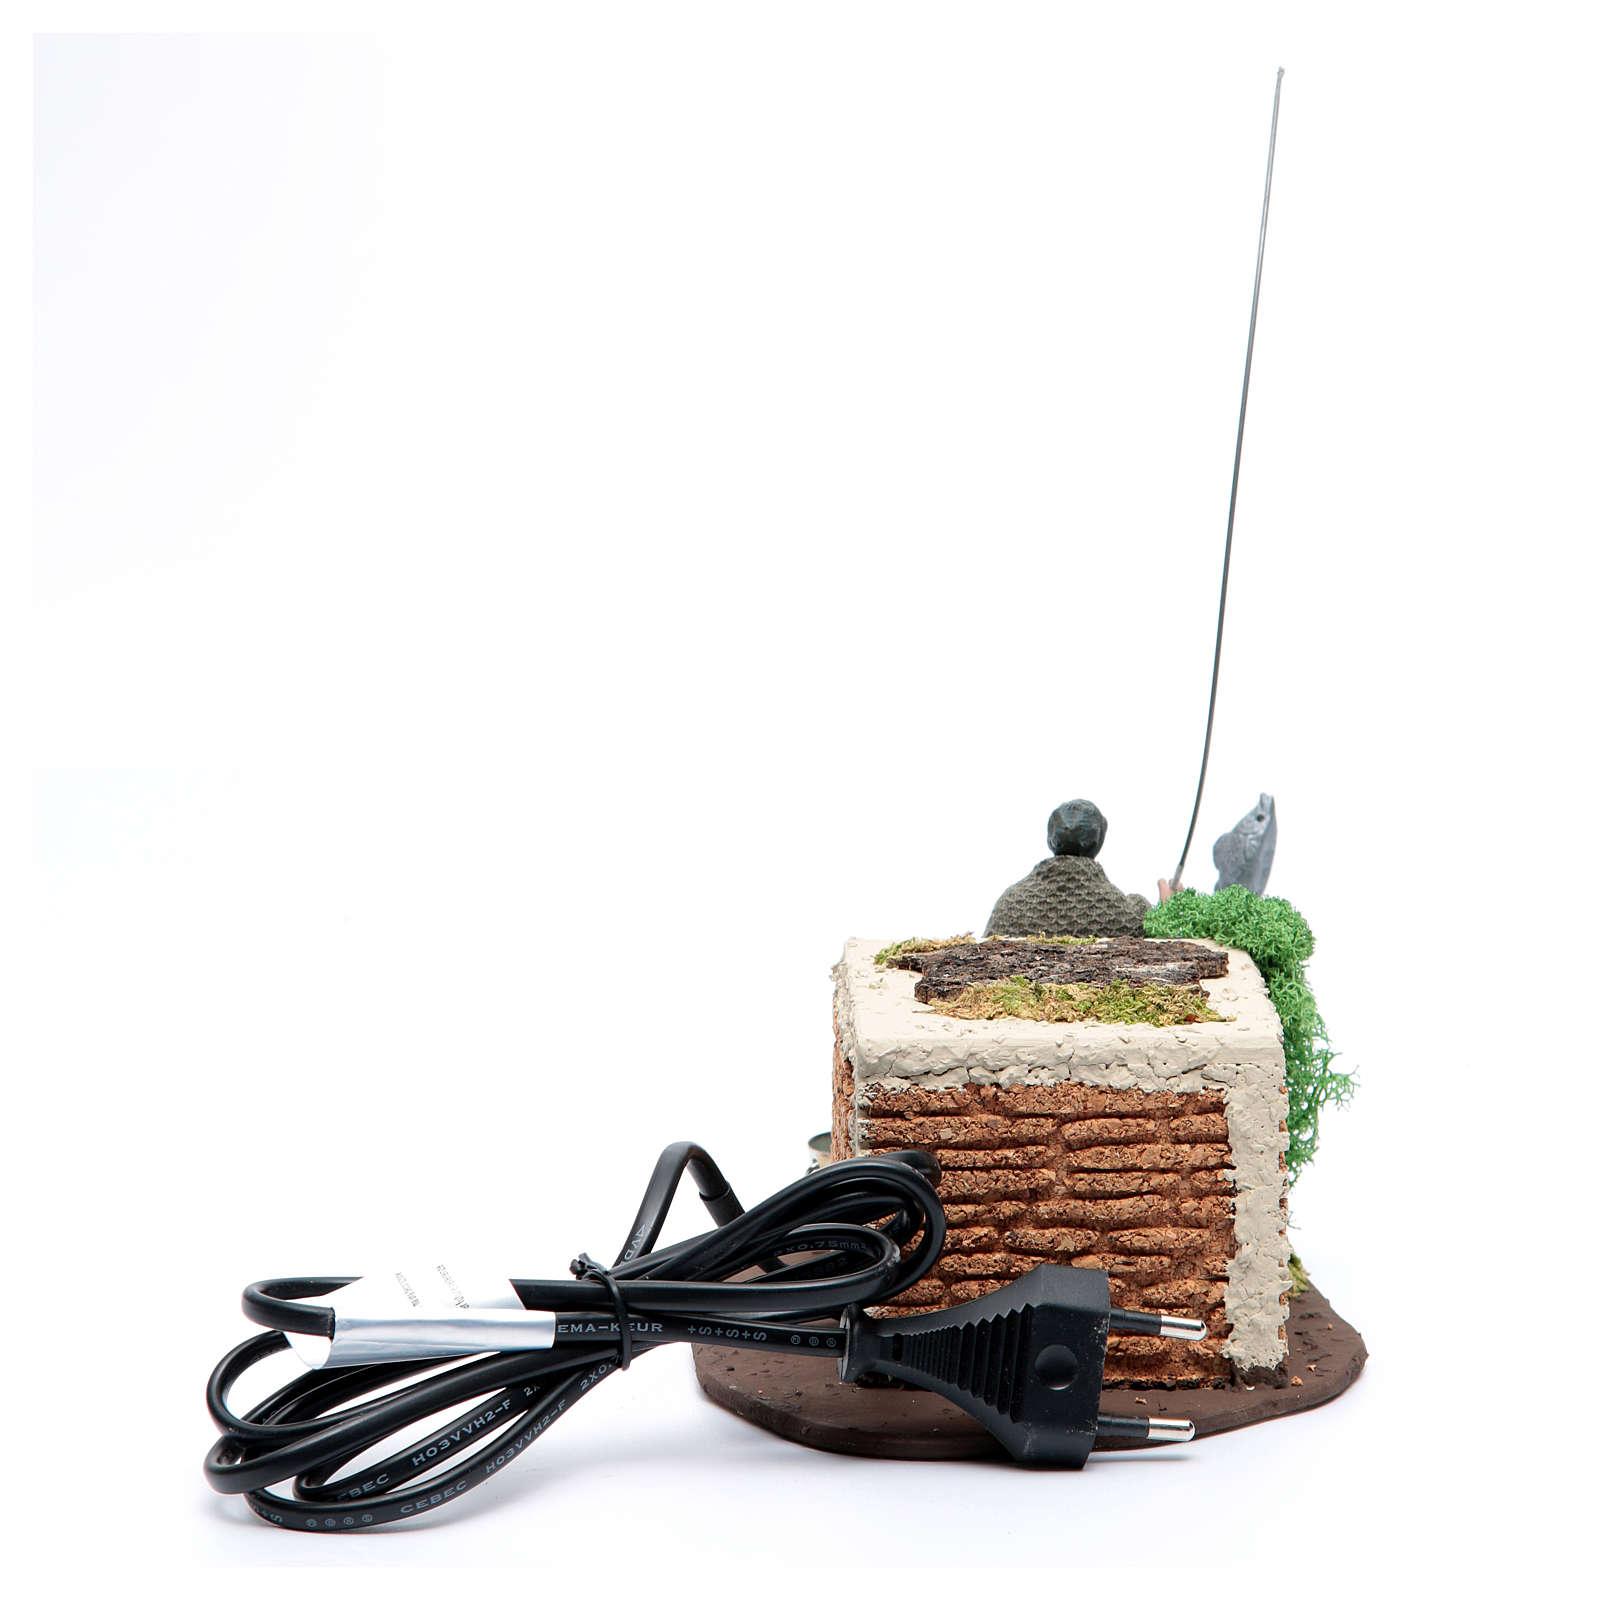 Pescatore in piedi 10 cm in pvc con movimento 3